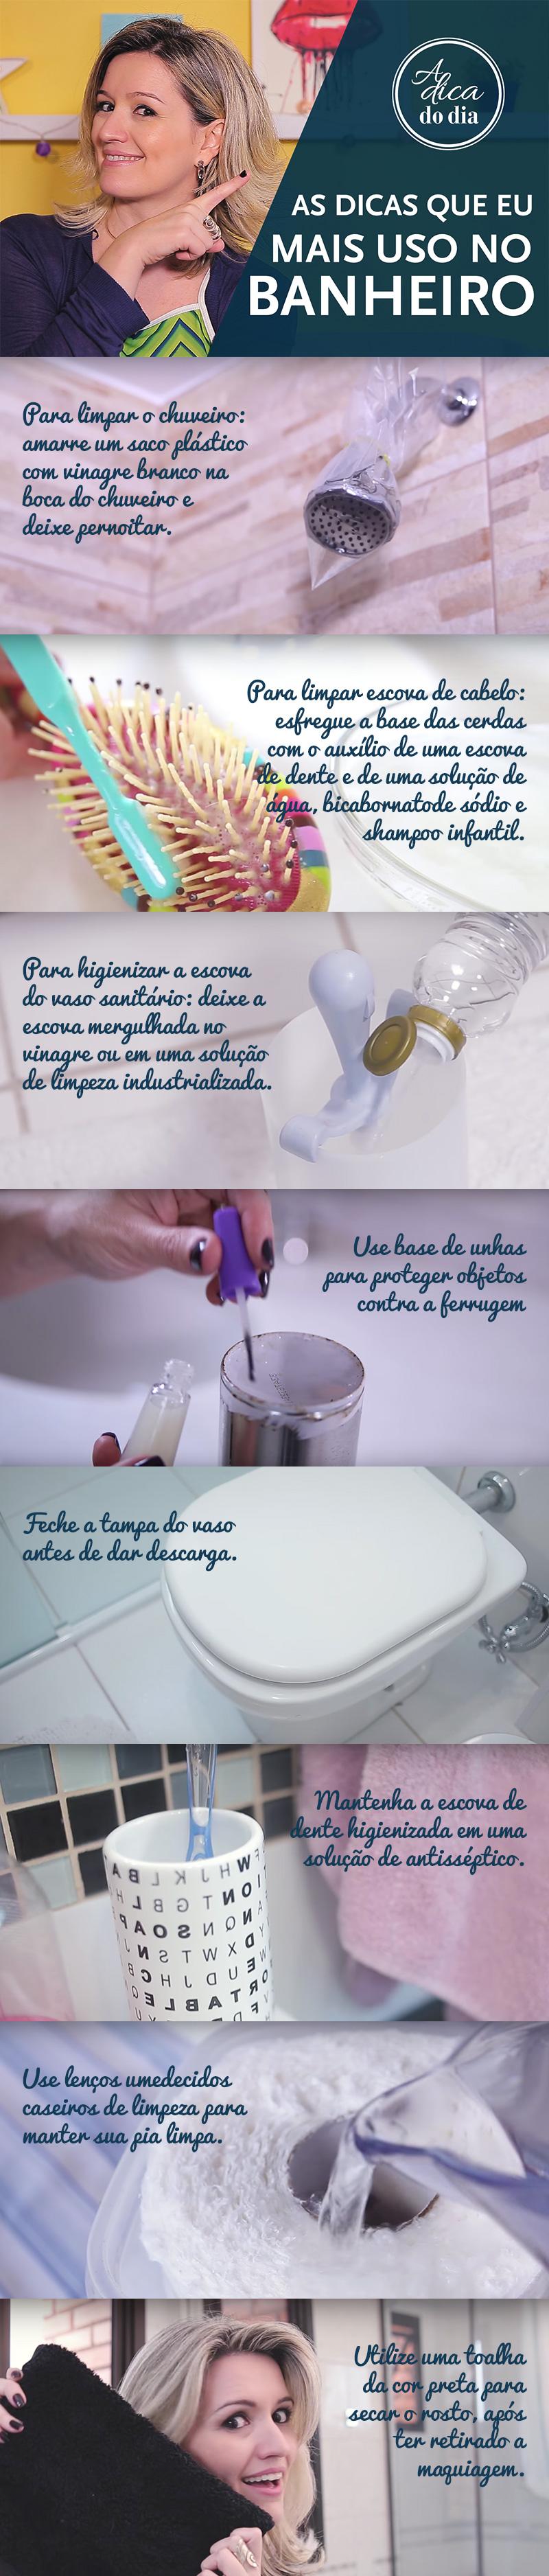 8 dicas para manter seu banheiro sempre limpo e organizado